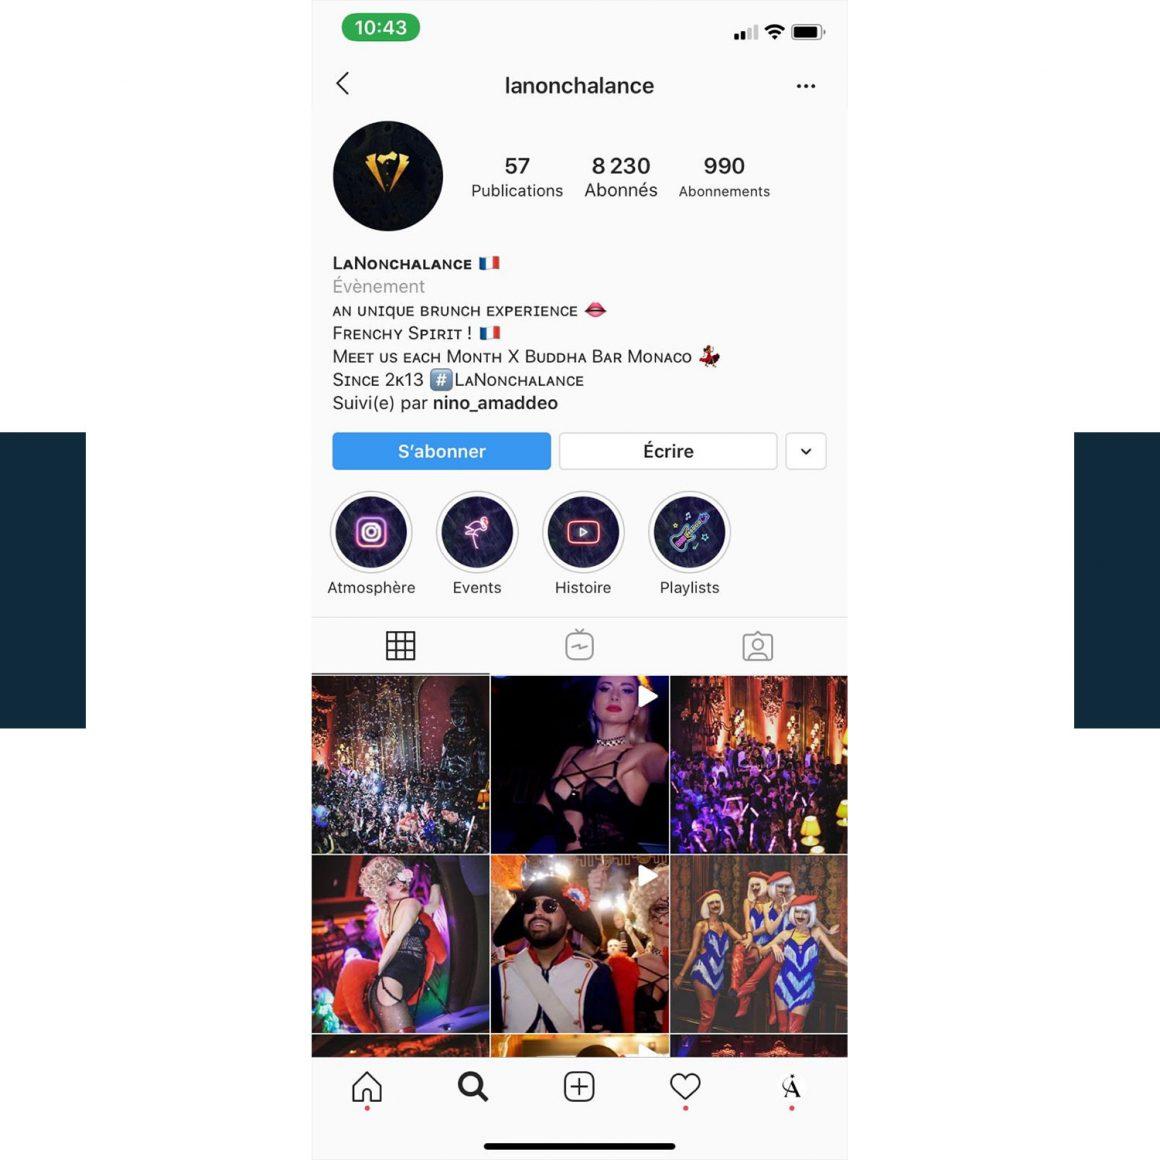 Capture d'écran du compte Instagram @lanonchalance